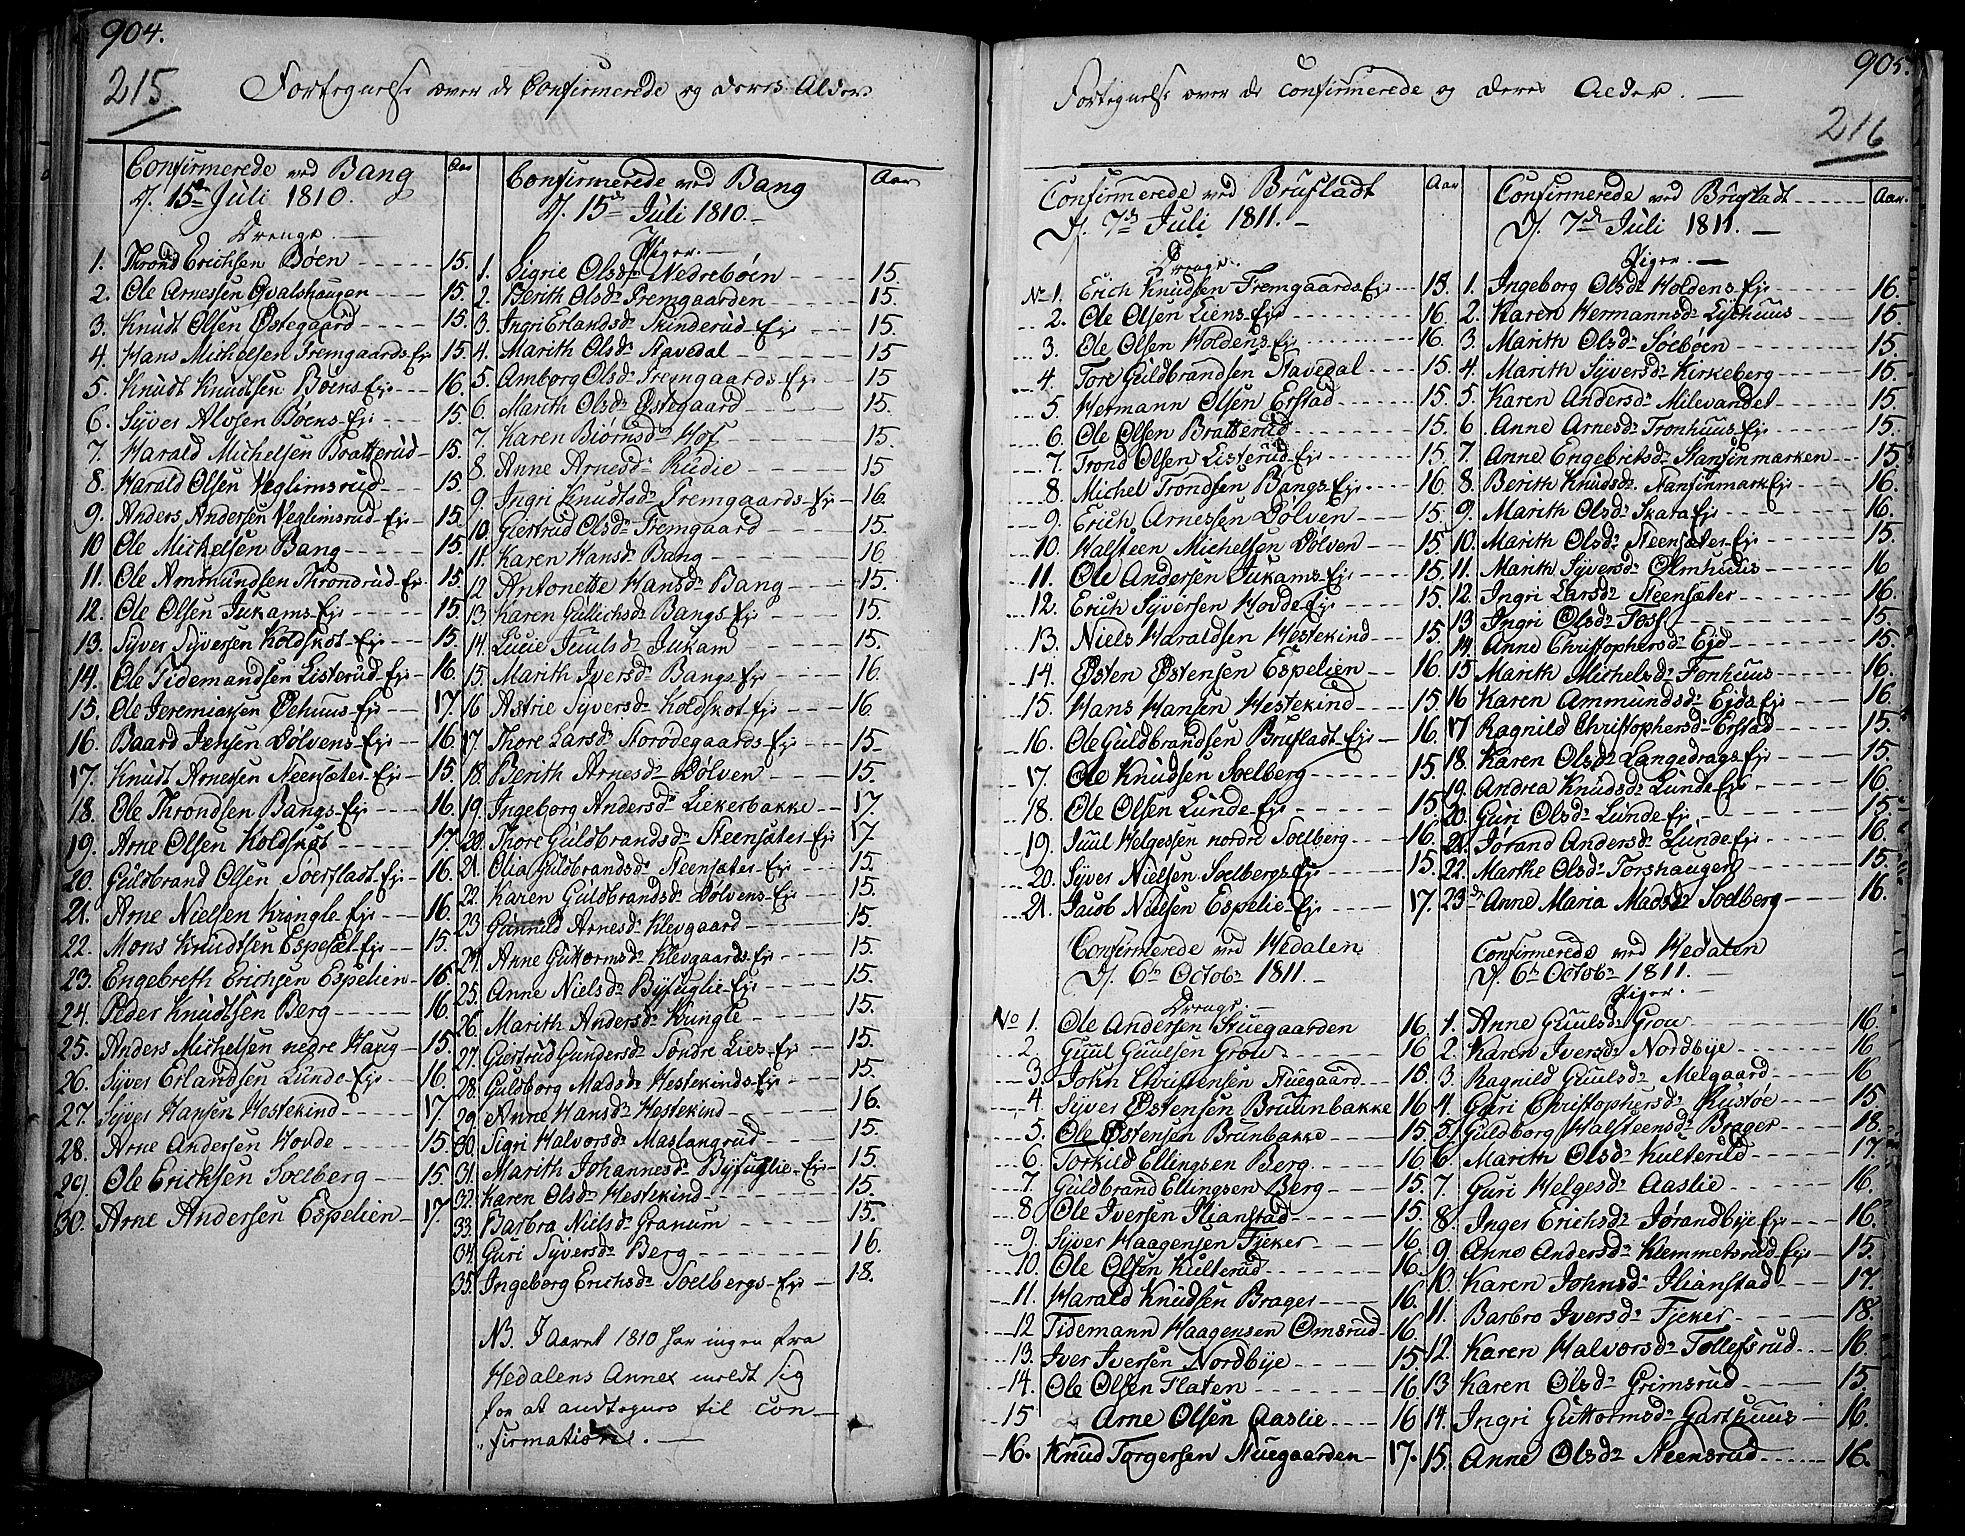 SAH, Sør-Aurdal prestekontor, Ministerialbok nr. 1, 1807-1815, s. 215-216